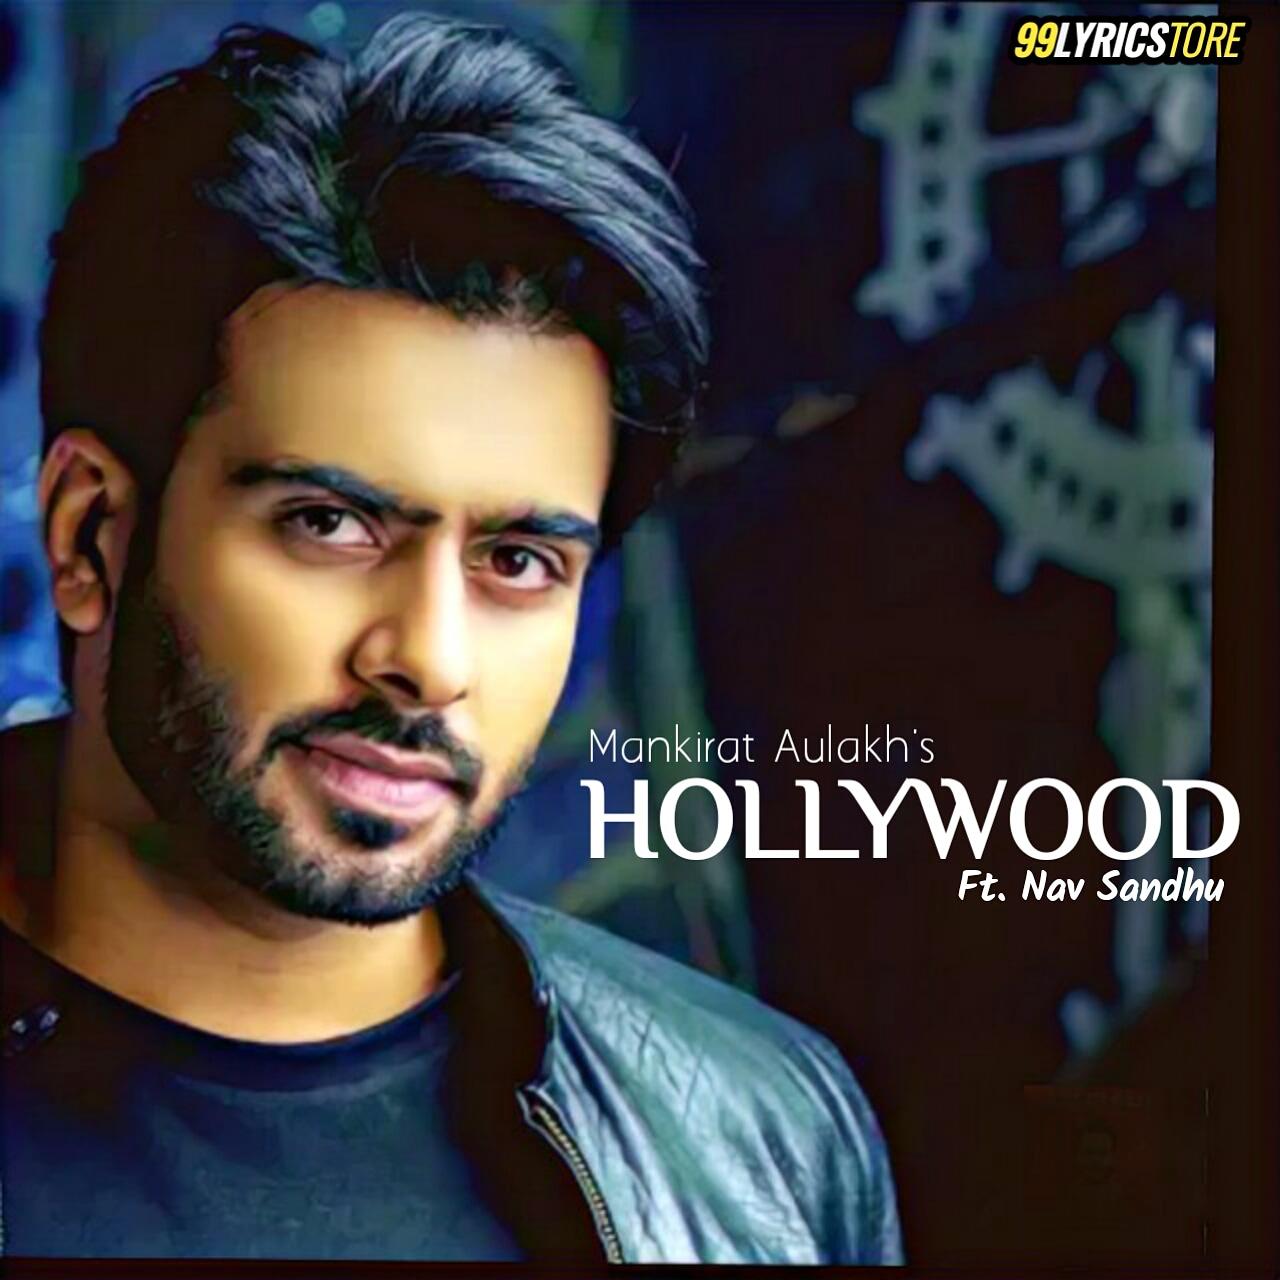 Hollywood Punjabi song Lyrics sung by Mankirat Aulakh